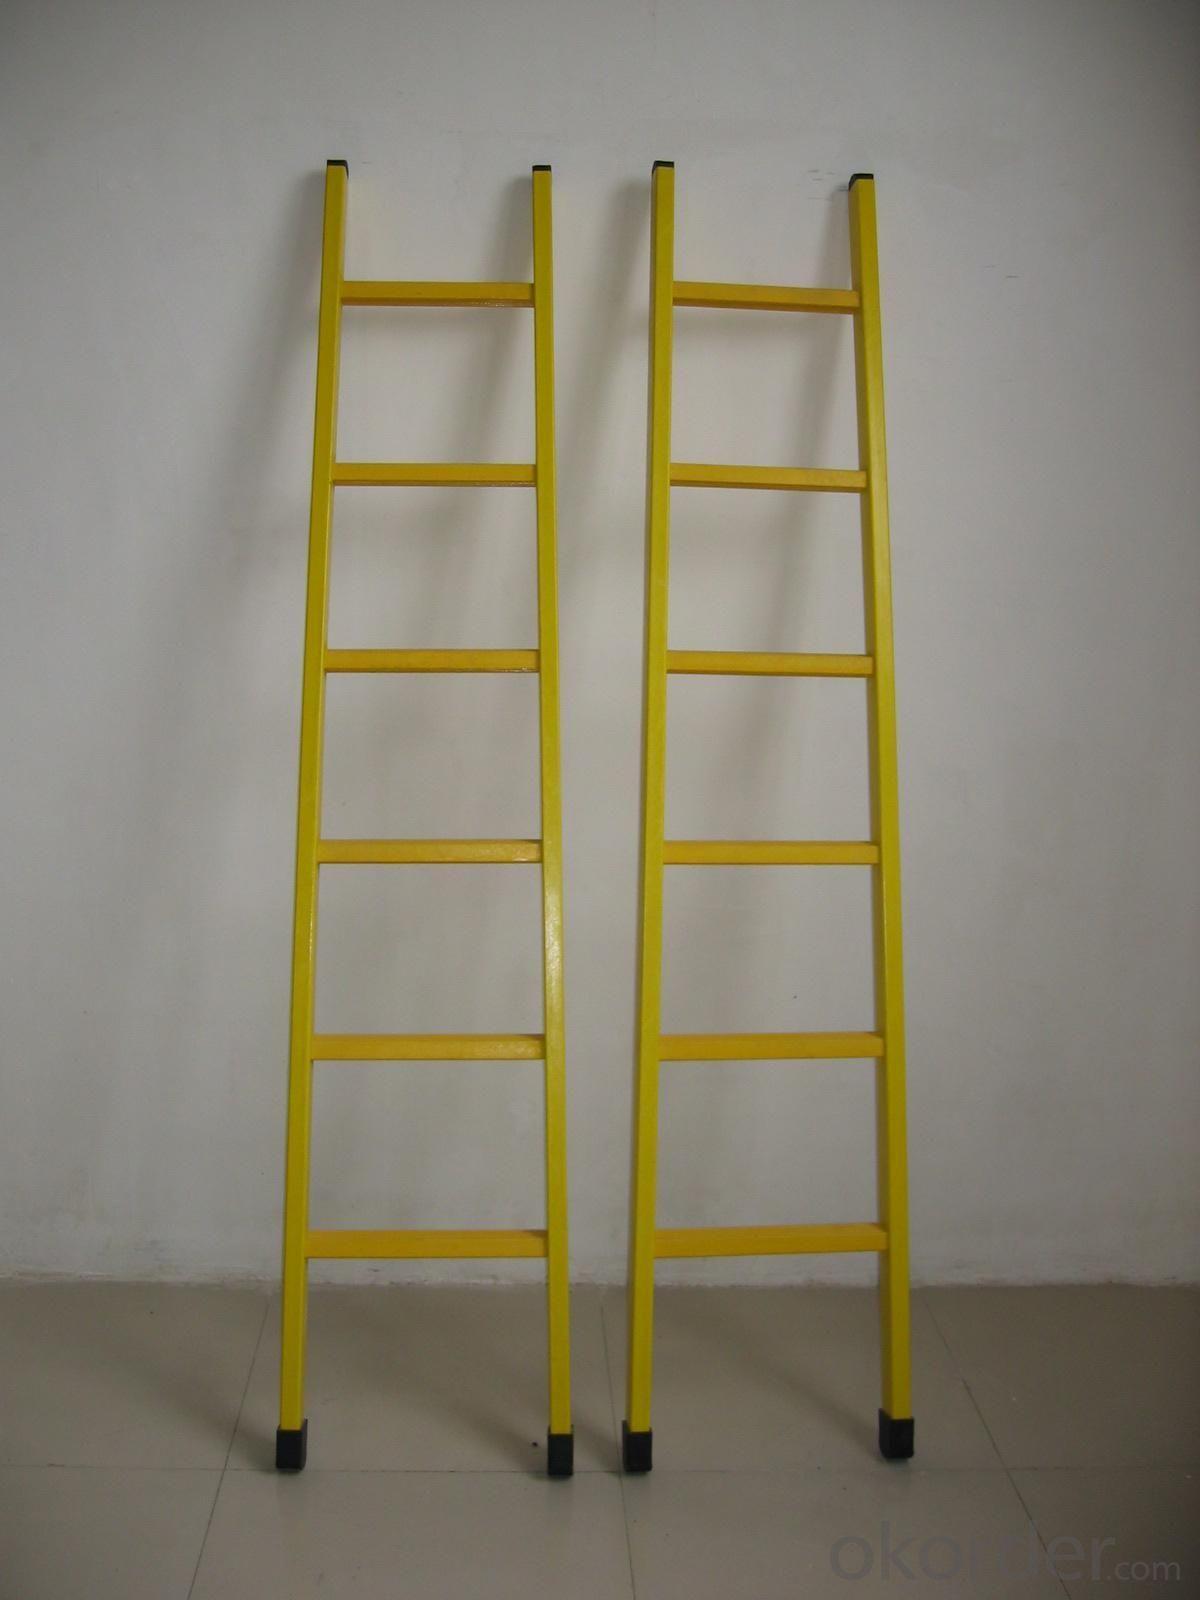 Buy Fiberglass Ladder Fiberglass Folding Ladder Frp